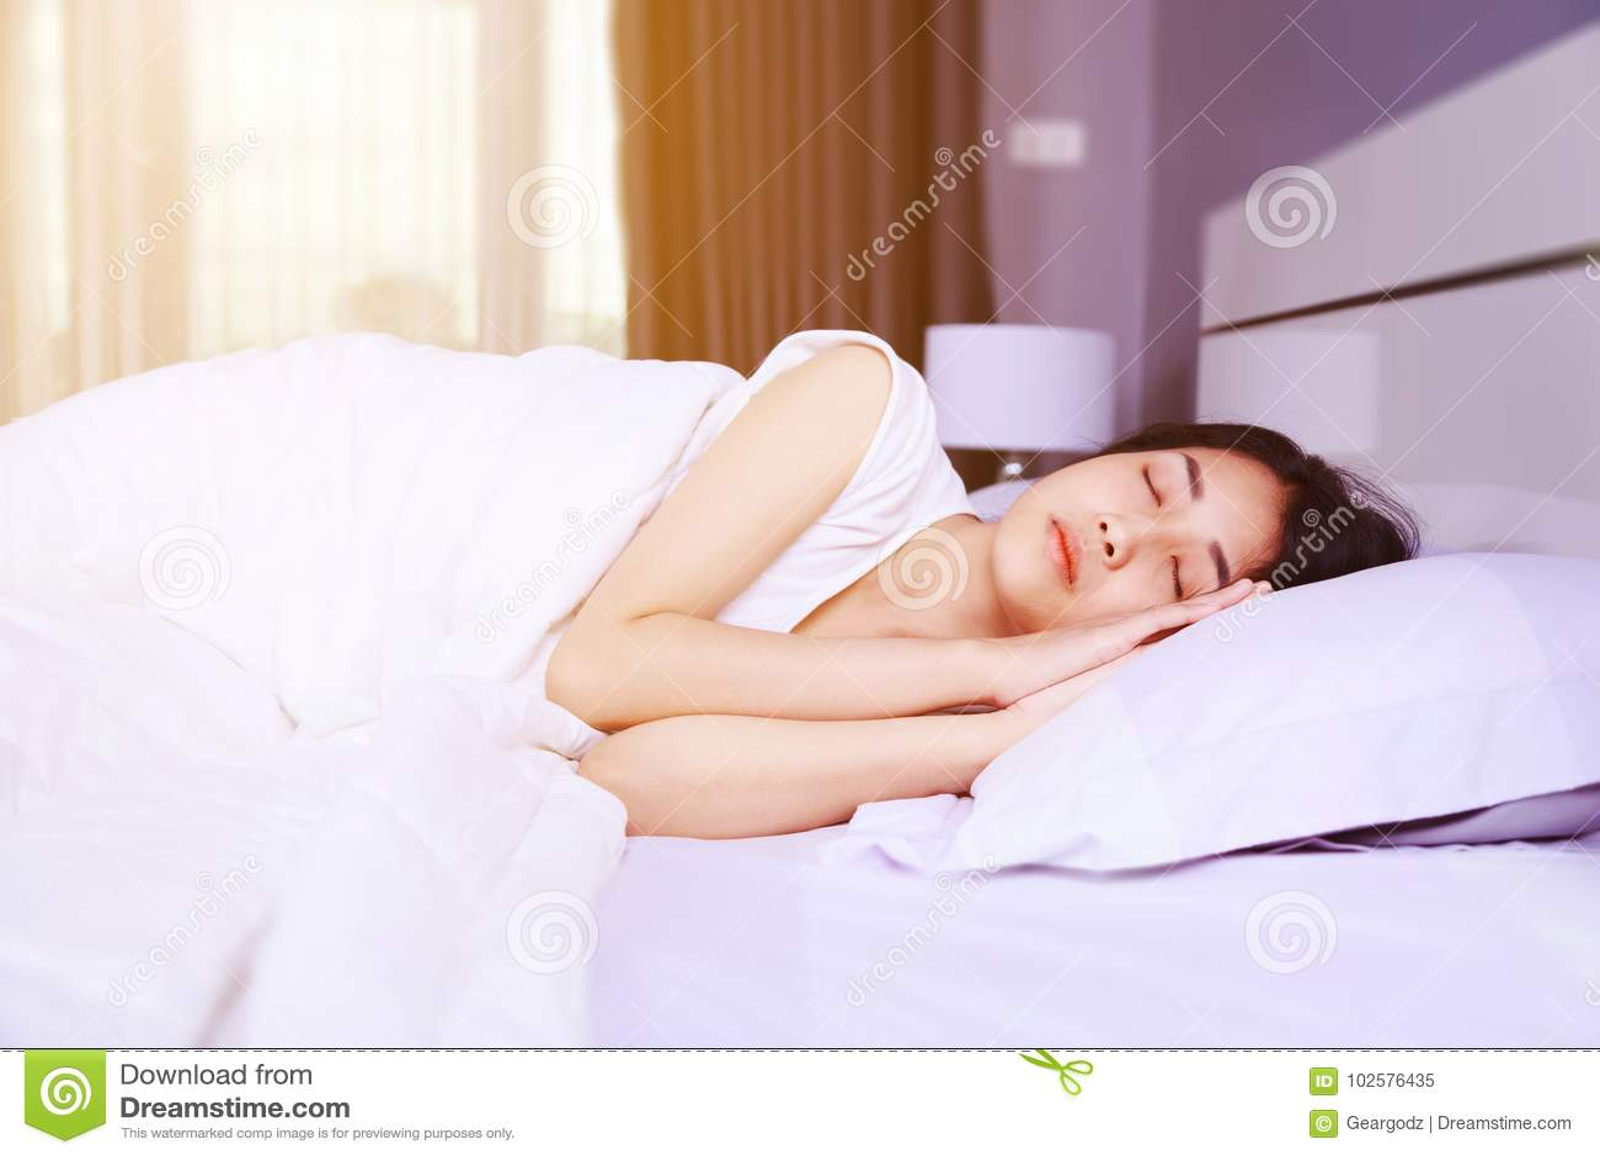 Акт спящей на кровати спит знакомая нулевым размером груди